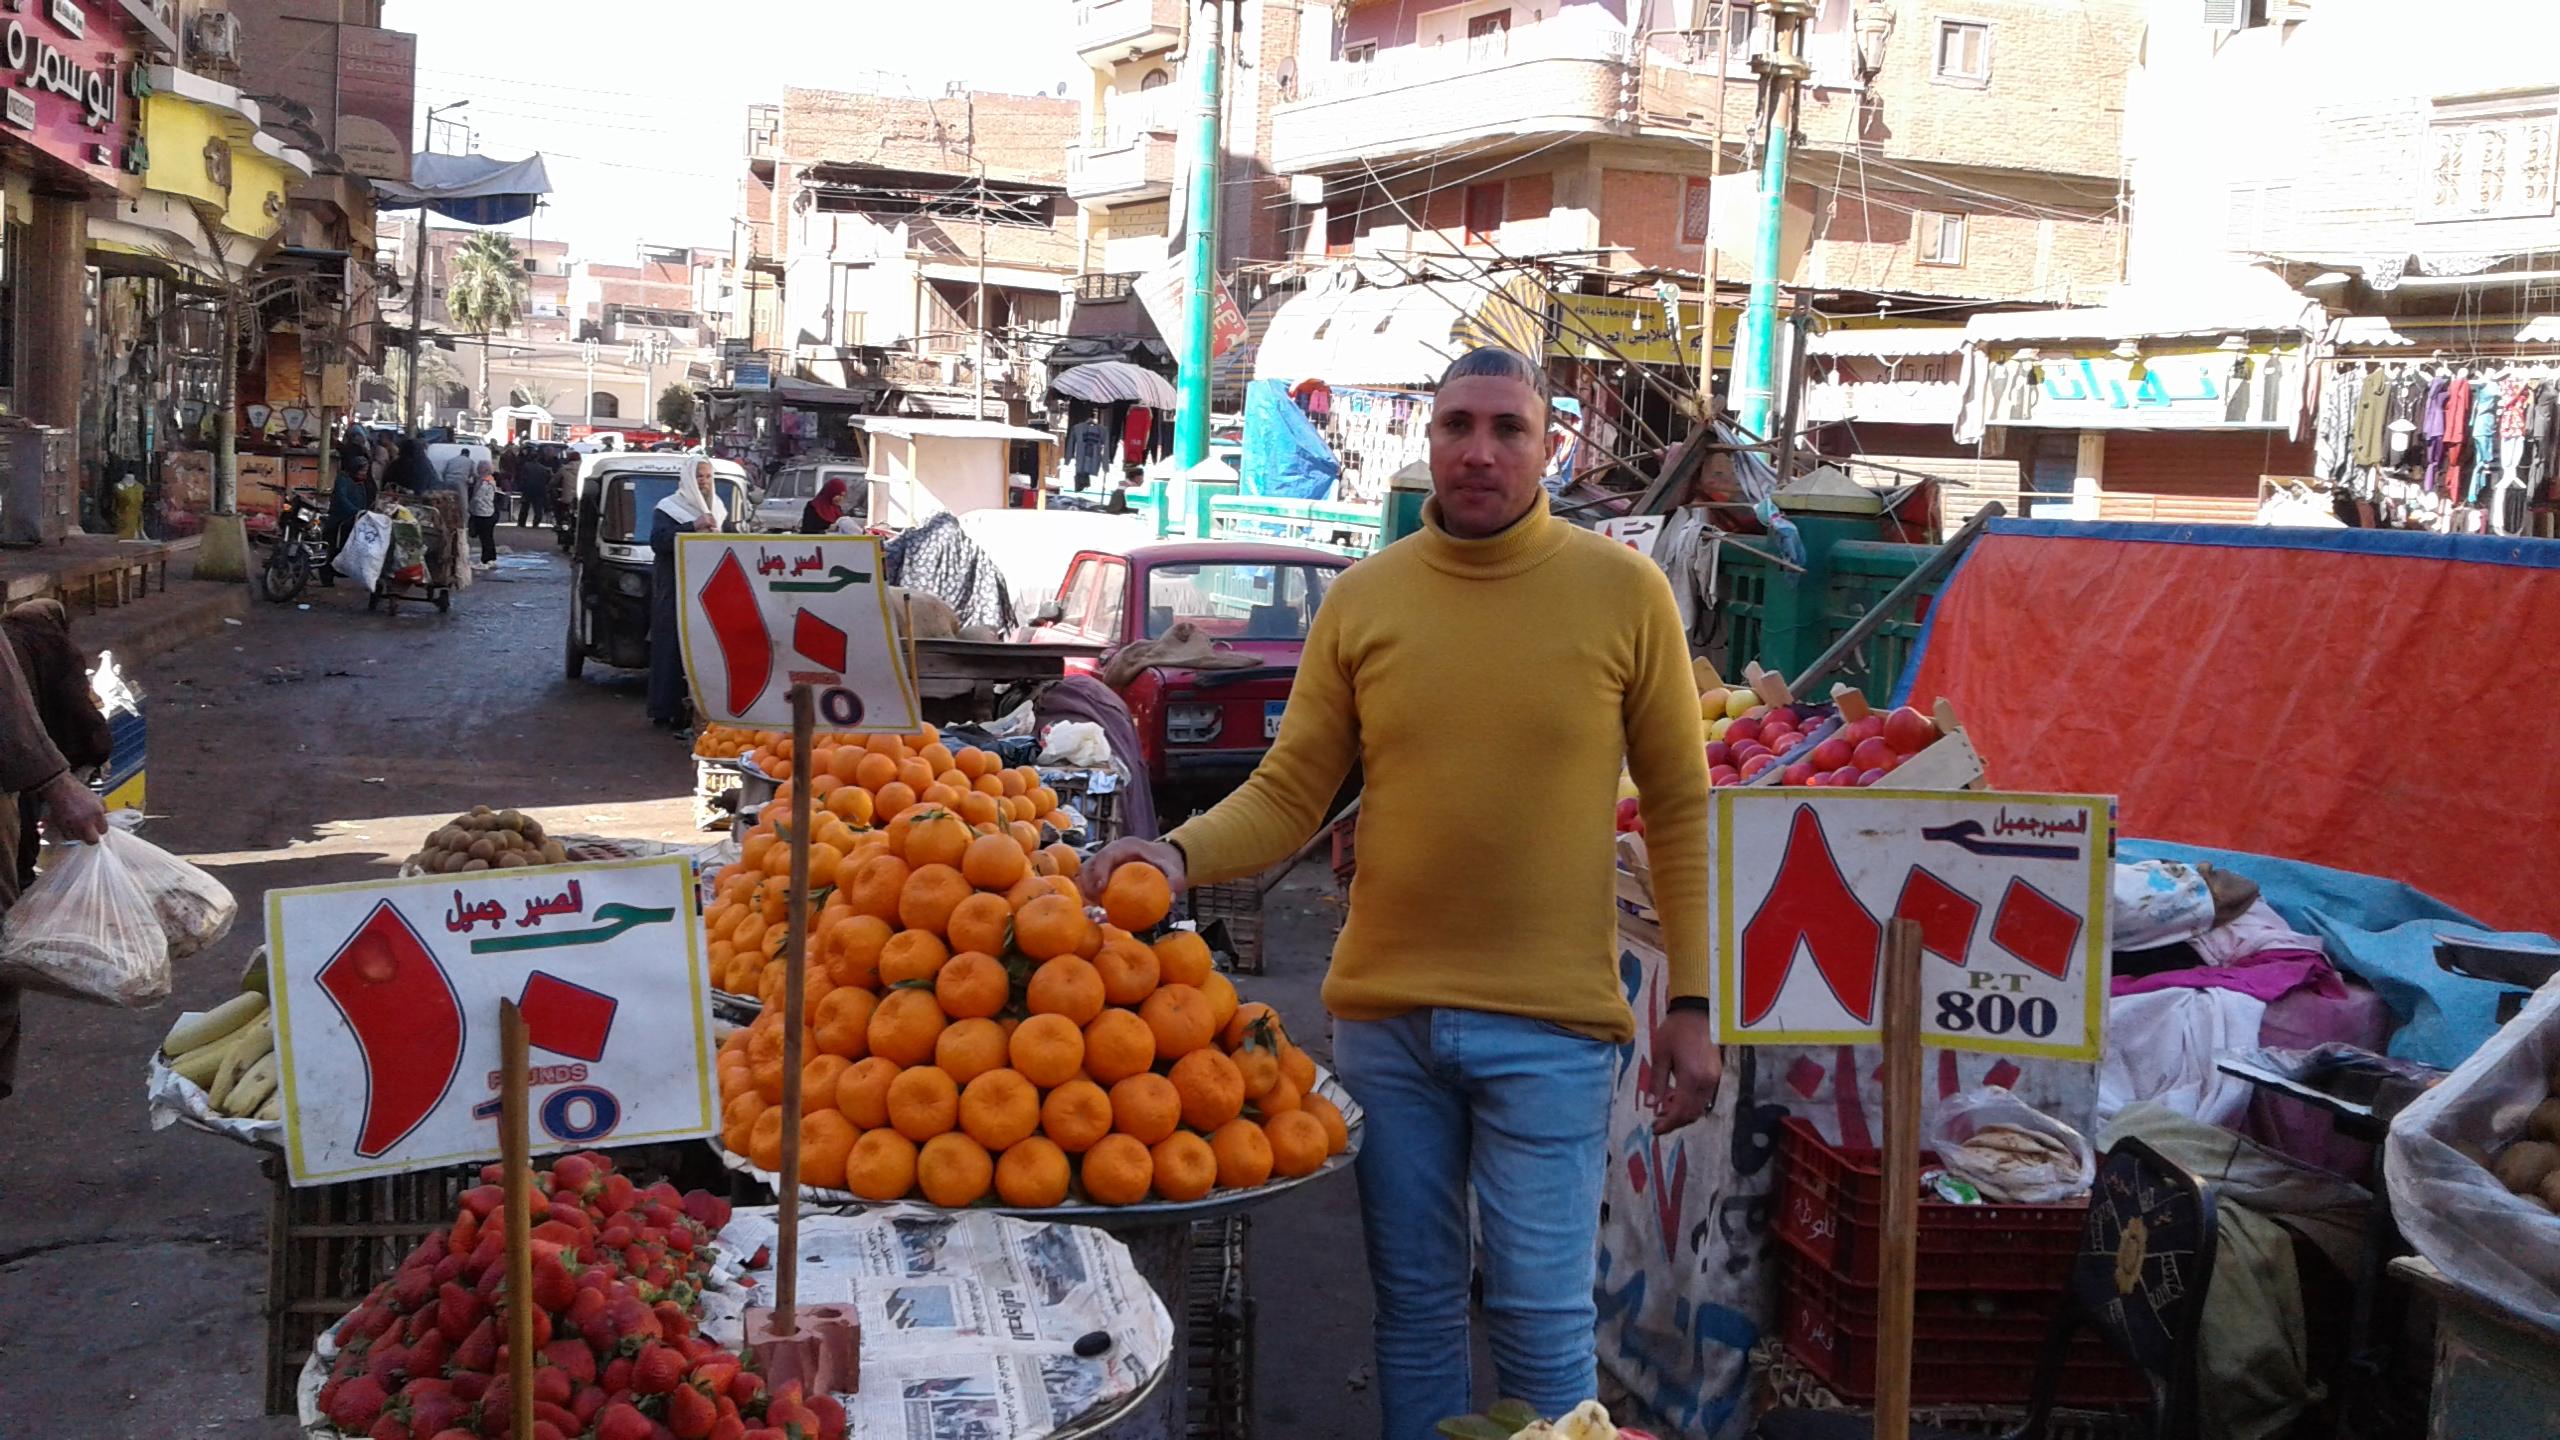 أسواق الخضر والفاكهة بمحافظة المنوفية (2)